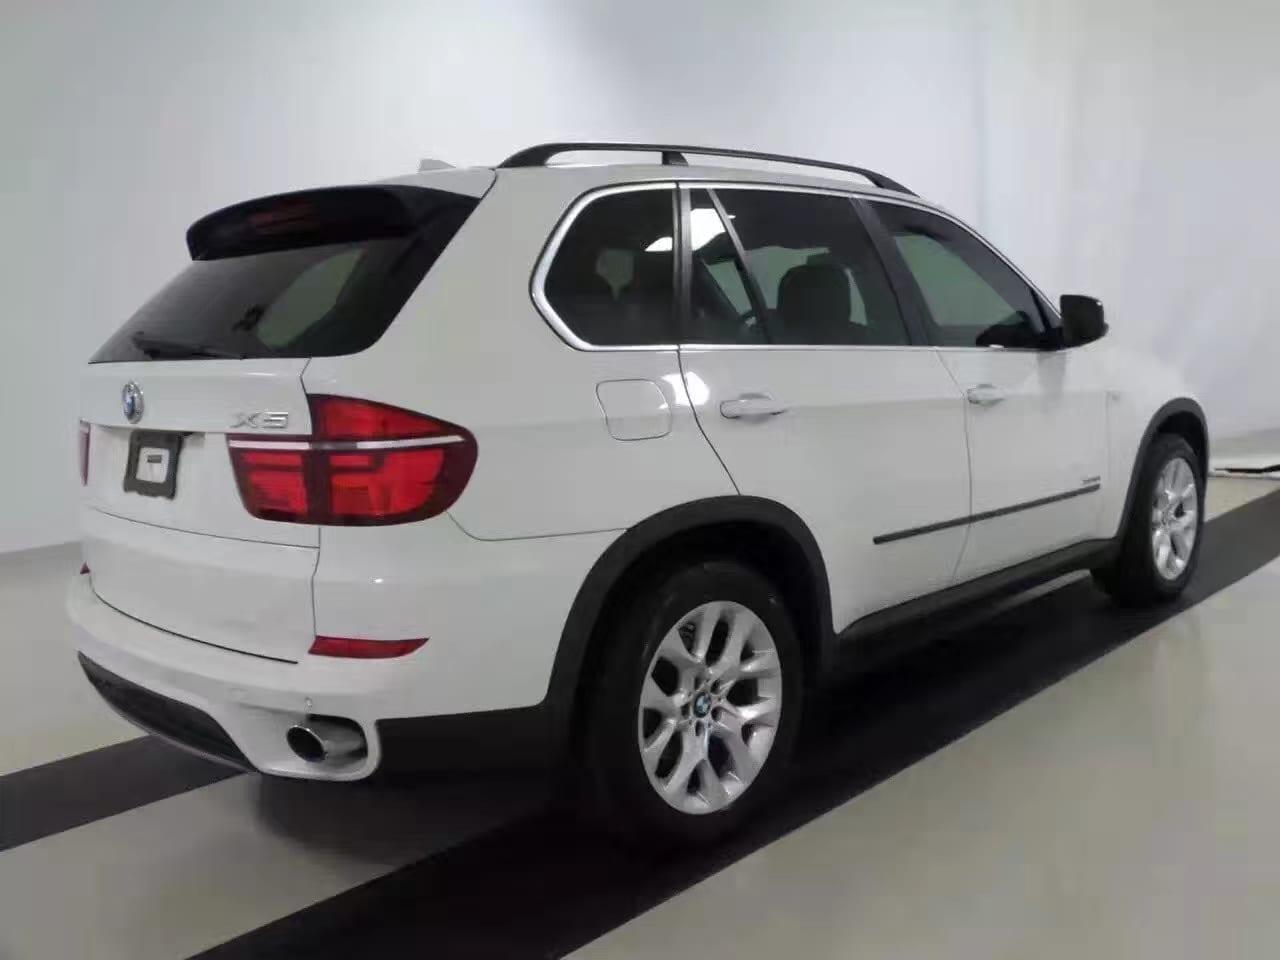 买车 年收入 2013 白色X5,价格 打头,里程不到5w,需要suv的朋友